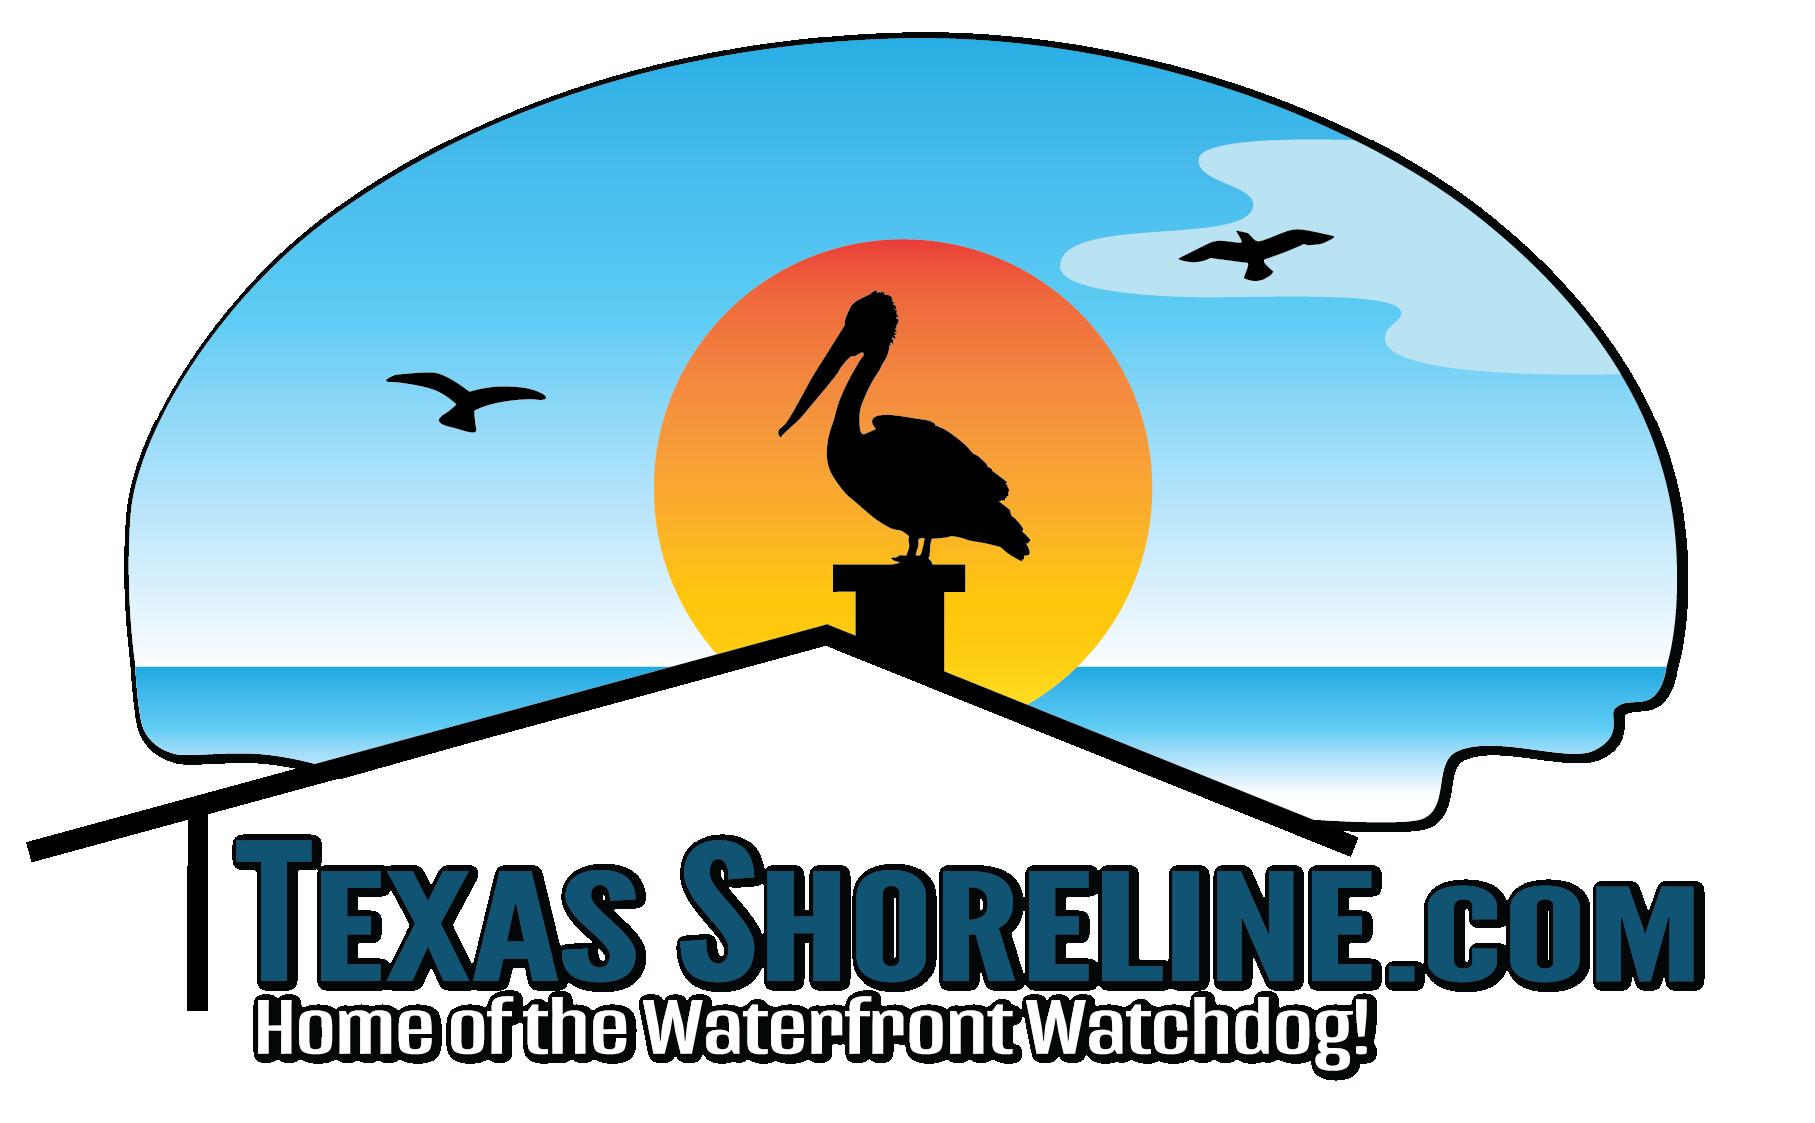 Texas Shoreline Properties